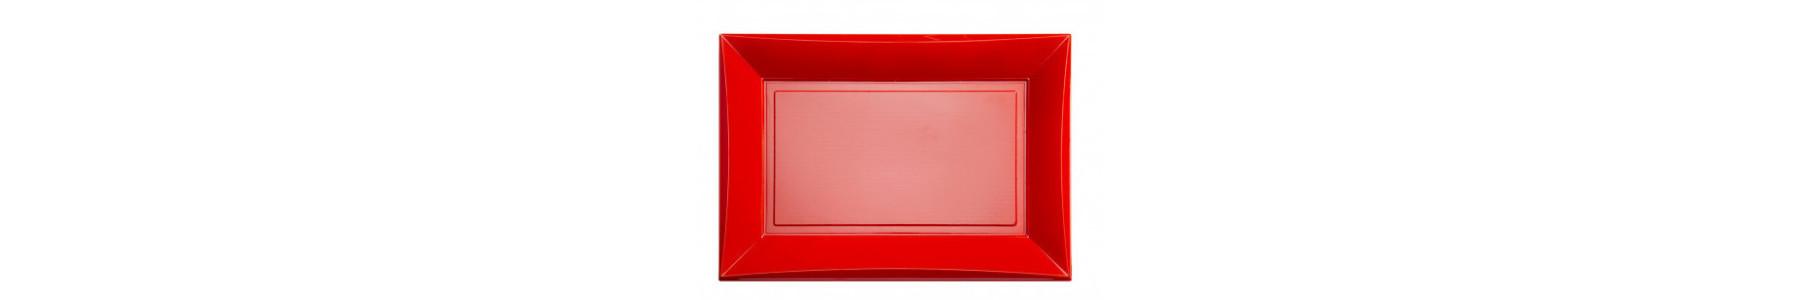 Colectia rosie de articole din plastic PREMIUM